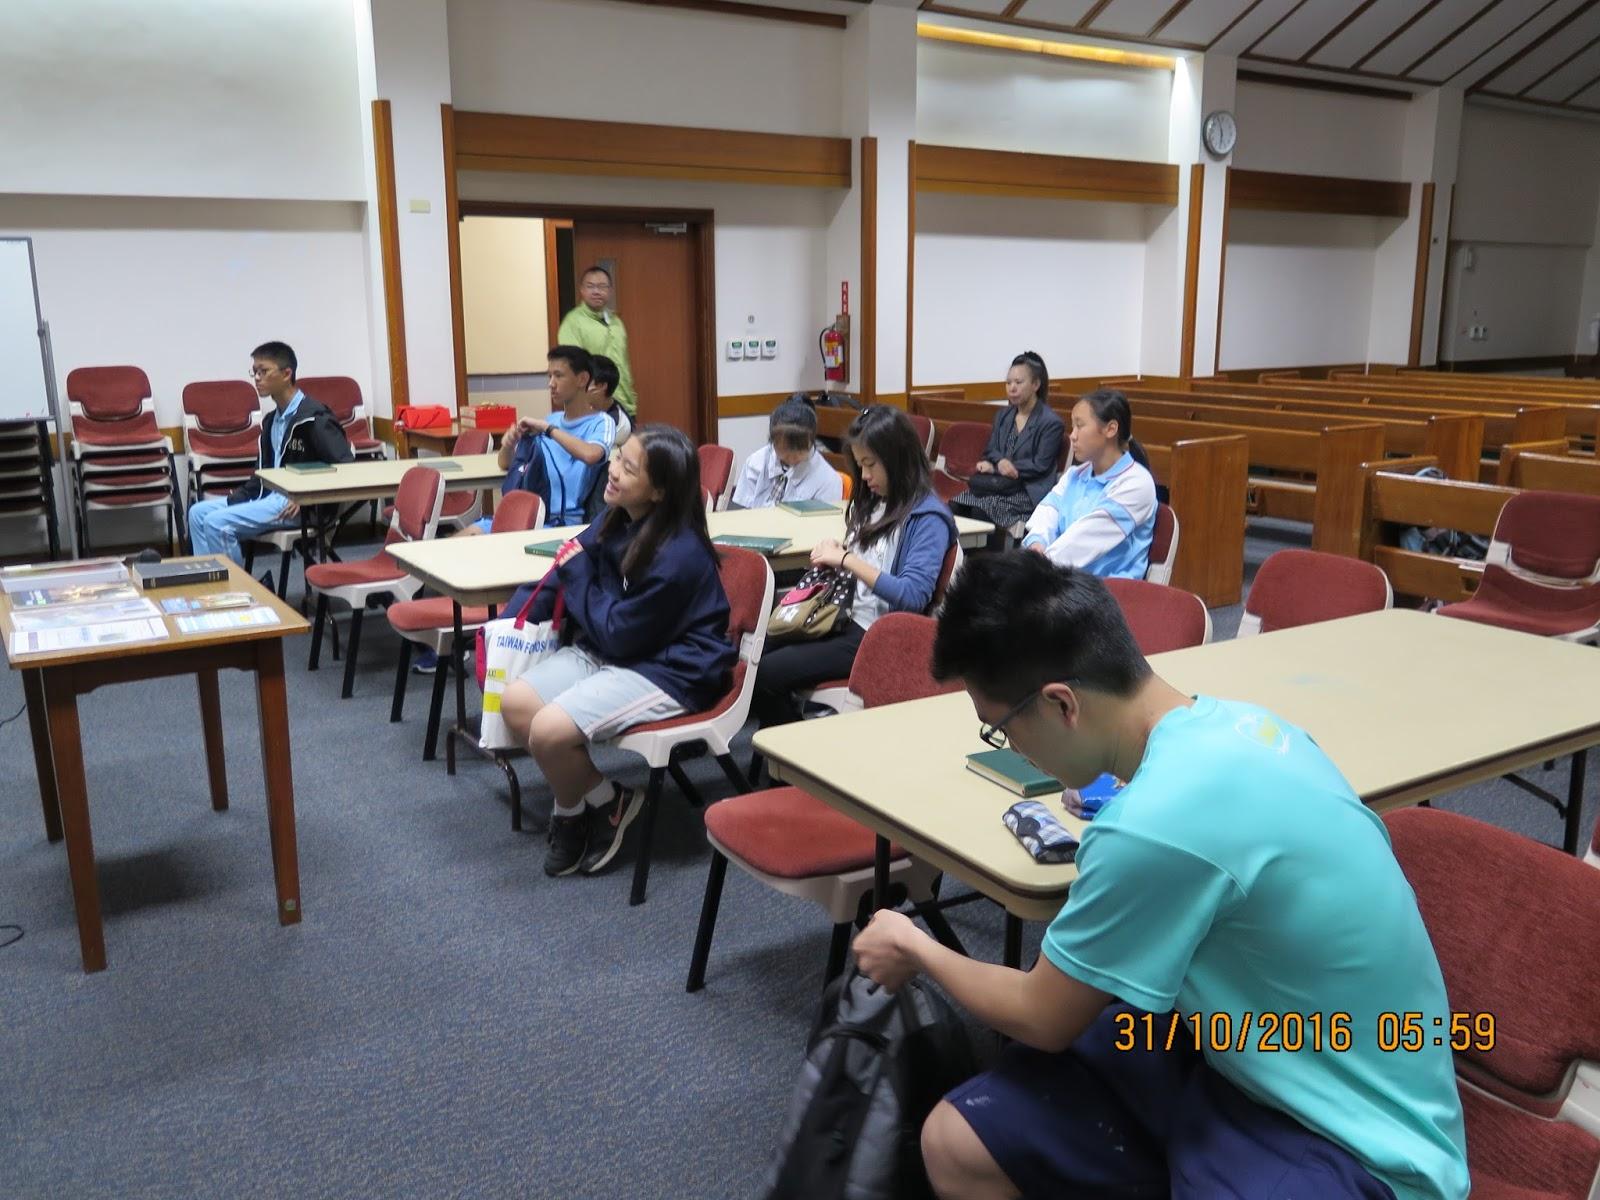 福音進修班:新竹教堂每日班: 2016年10月31日星期一--第36課:馬可福音第4~5章--活動報導